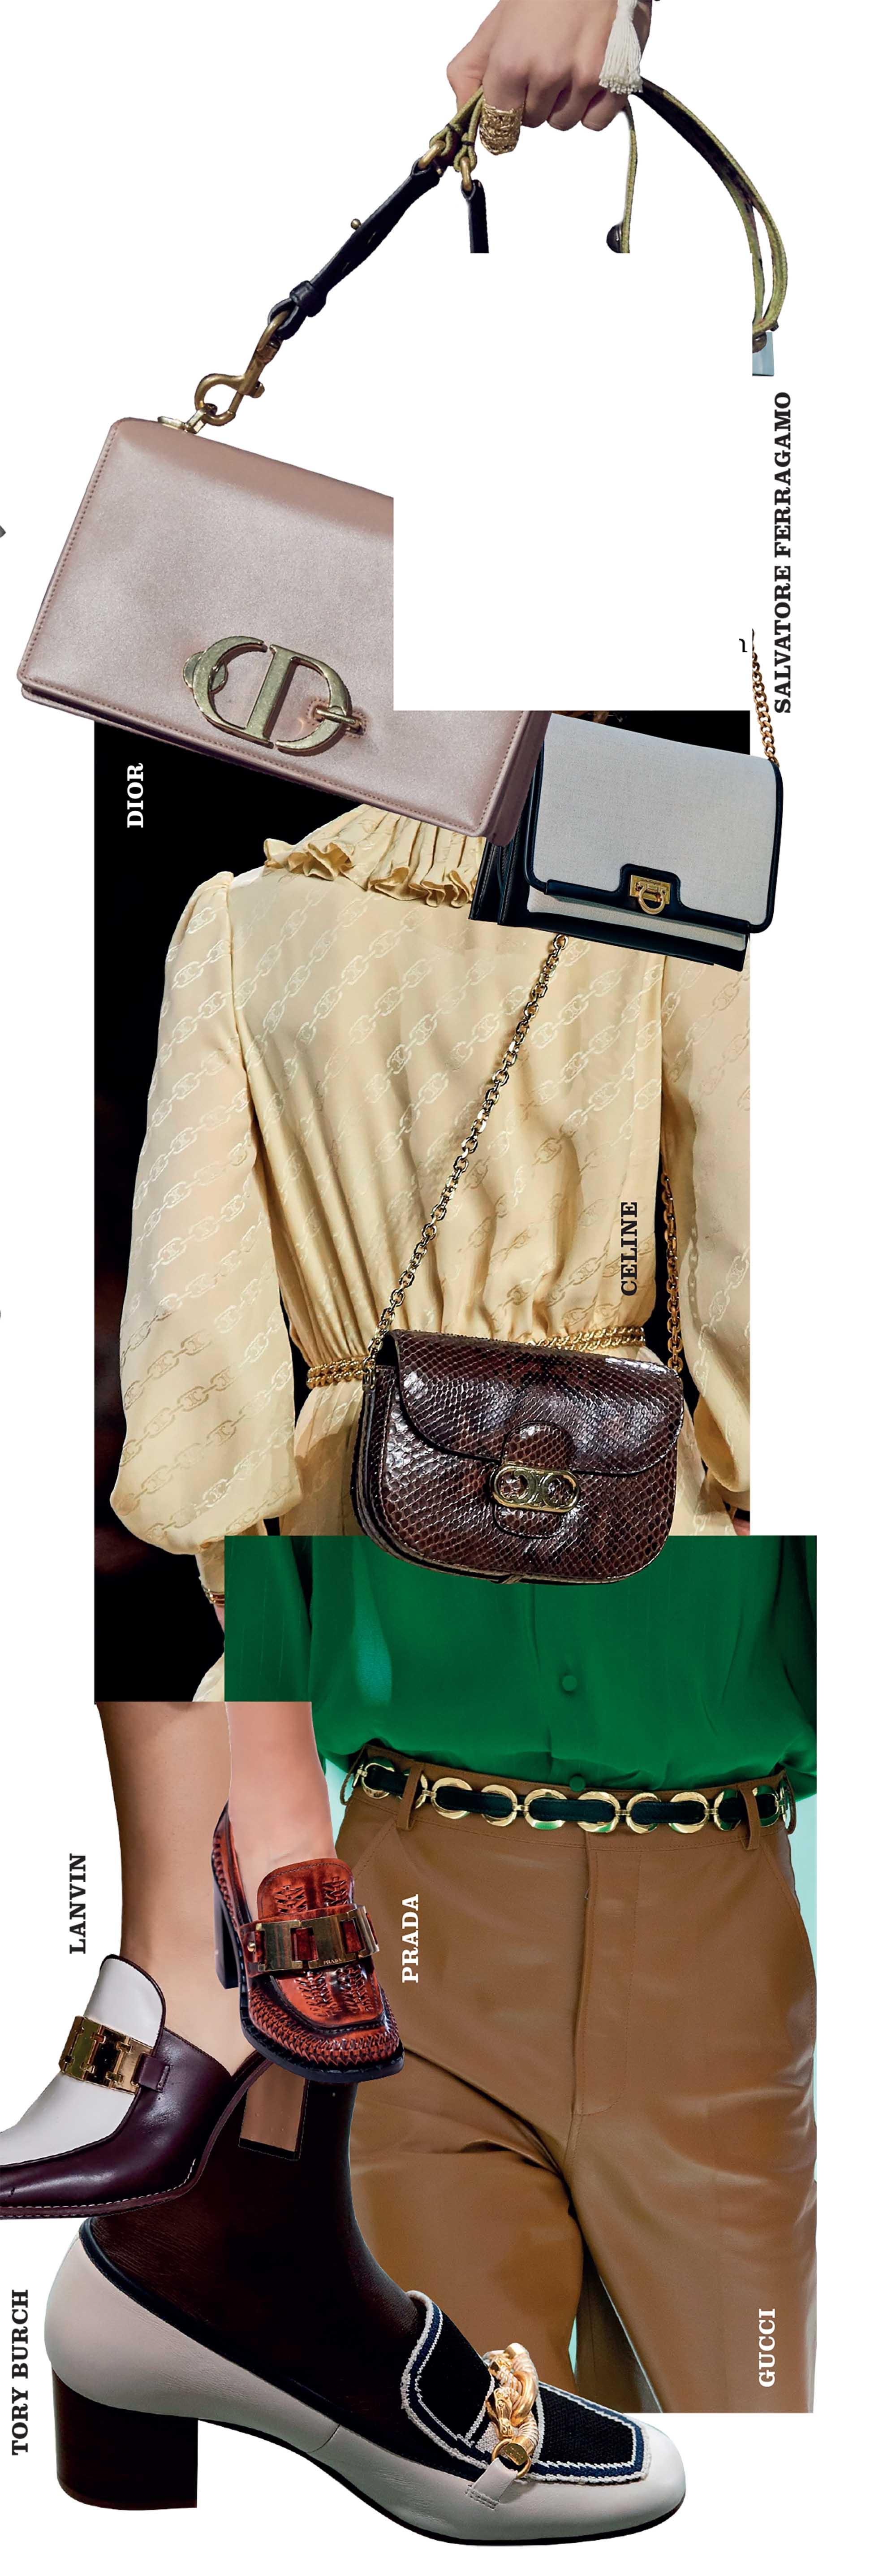 túi có khóa cài chắc chắn trong BST thời trang Xuân Hè 2020